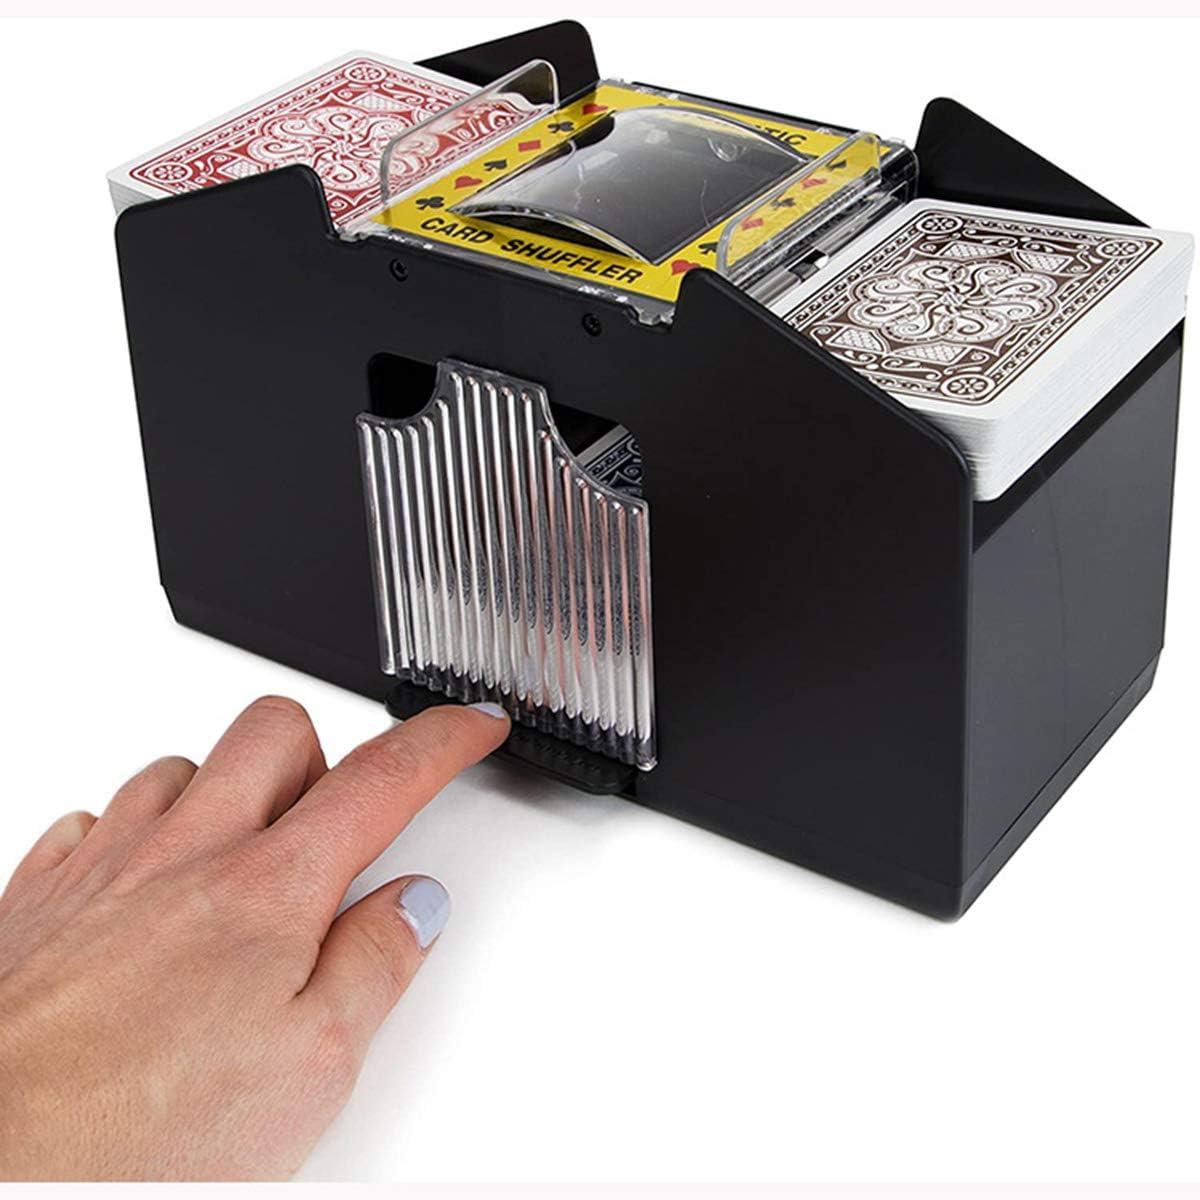 Mescolatore Elettrico di Carte per Il Gioco di Poker da Casa DaMohony Mescolatore Automatico di Carte da Poker Alimentato a Batteria